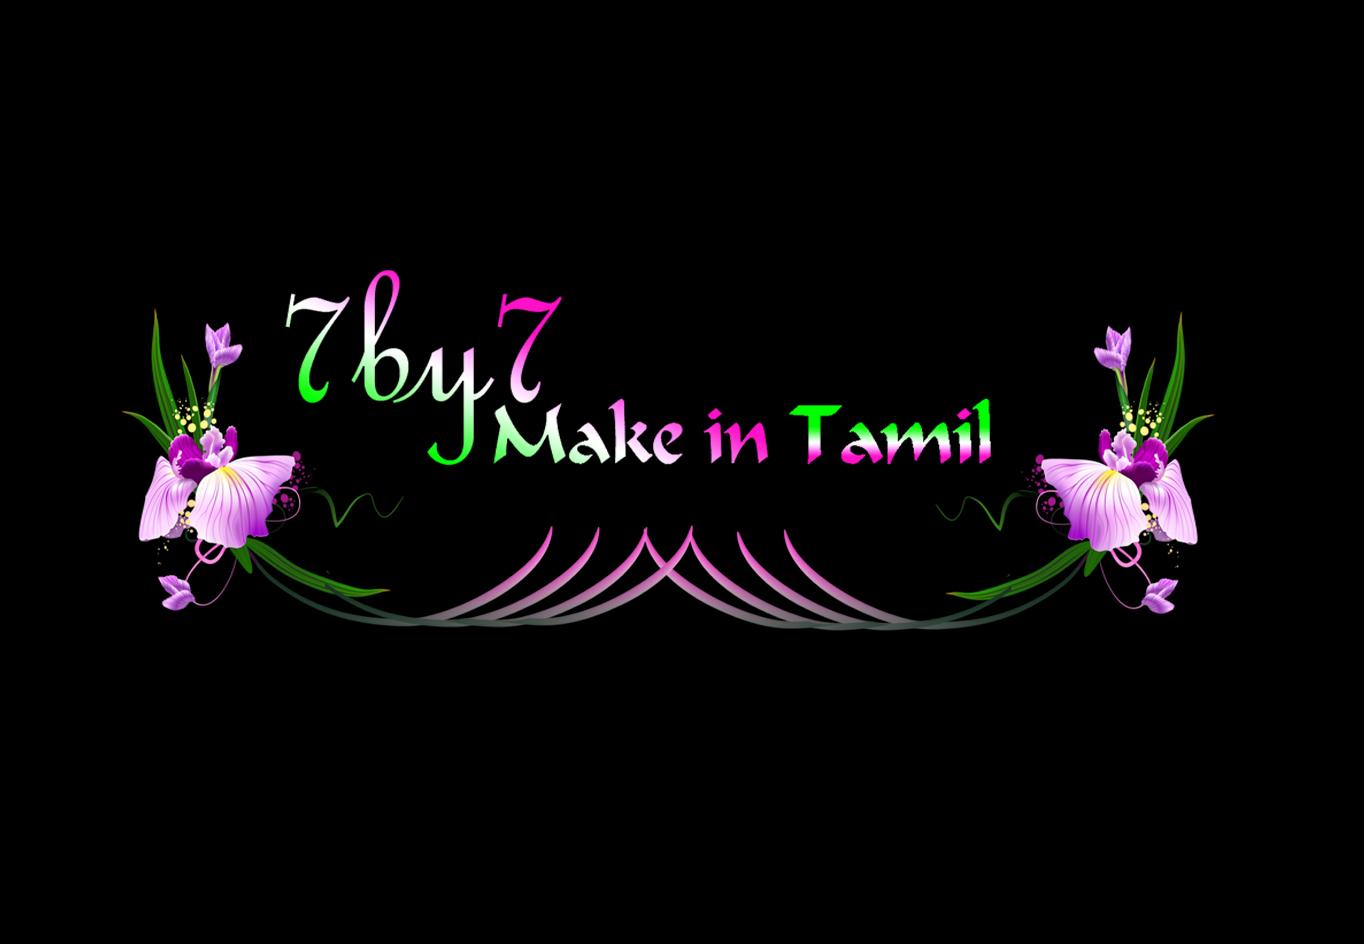 Tamil Echo Songs: 7by7 Make In Tamil HQ Old Echo 3D Songs